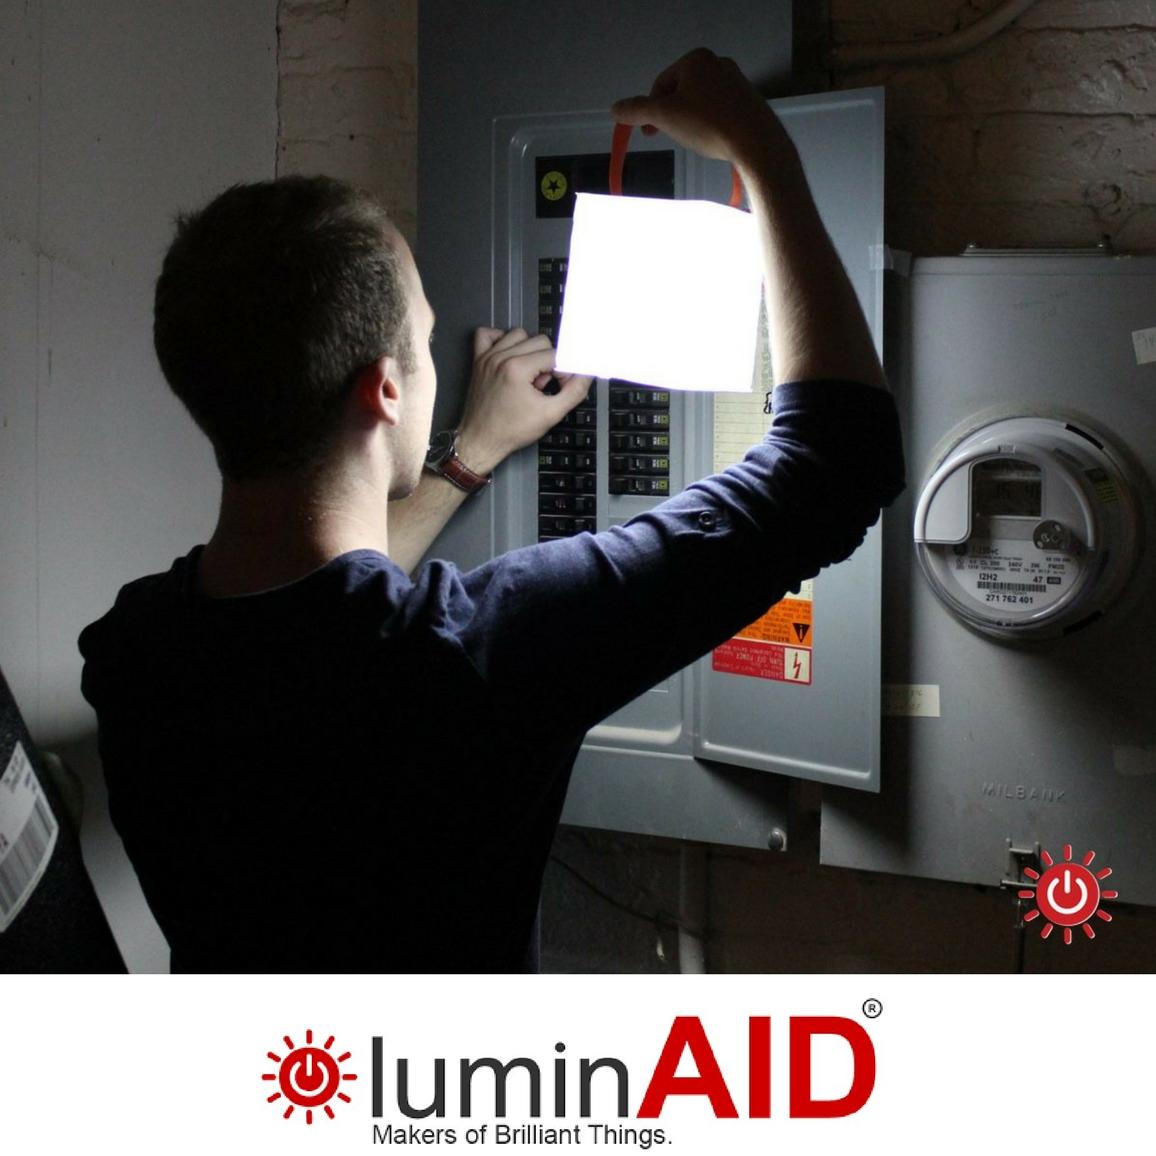 Luminaid Brand Image.jpg